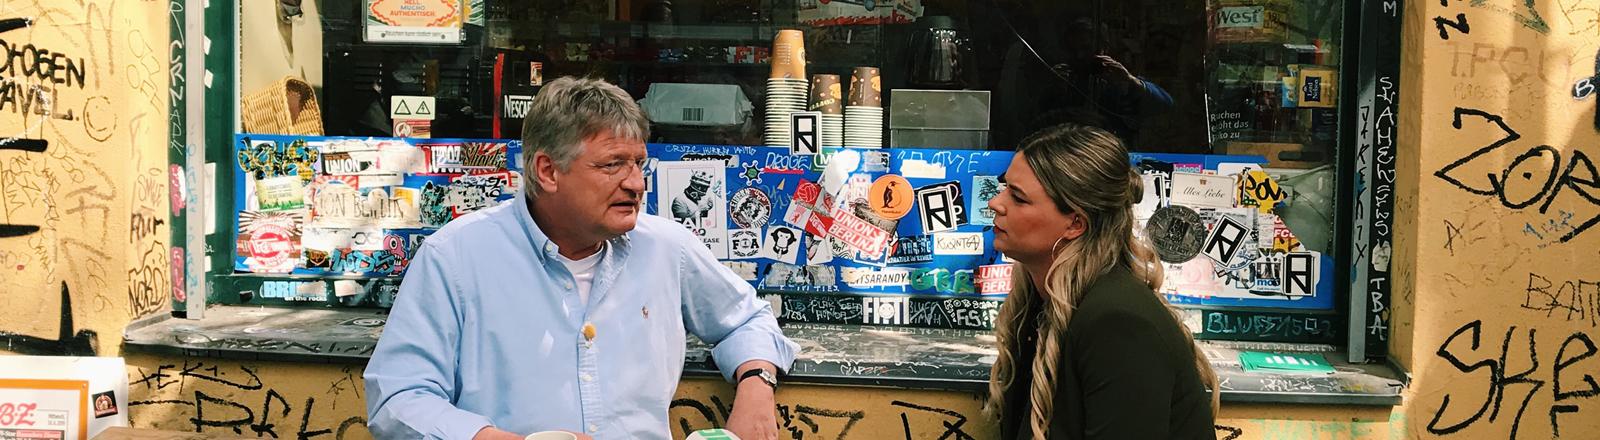 Der AfD Politiker Jörg Meuthen im Gespräch mit Rahel Klein vor einem Berliner Späti